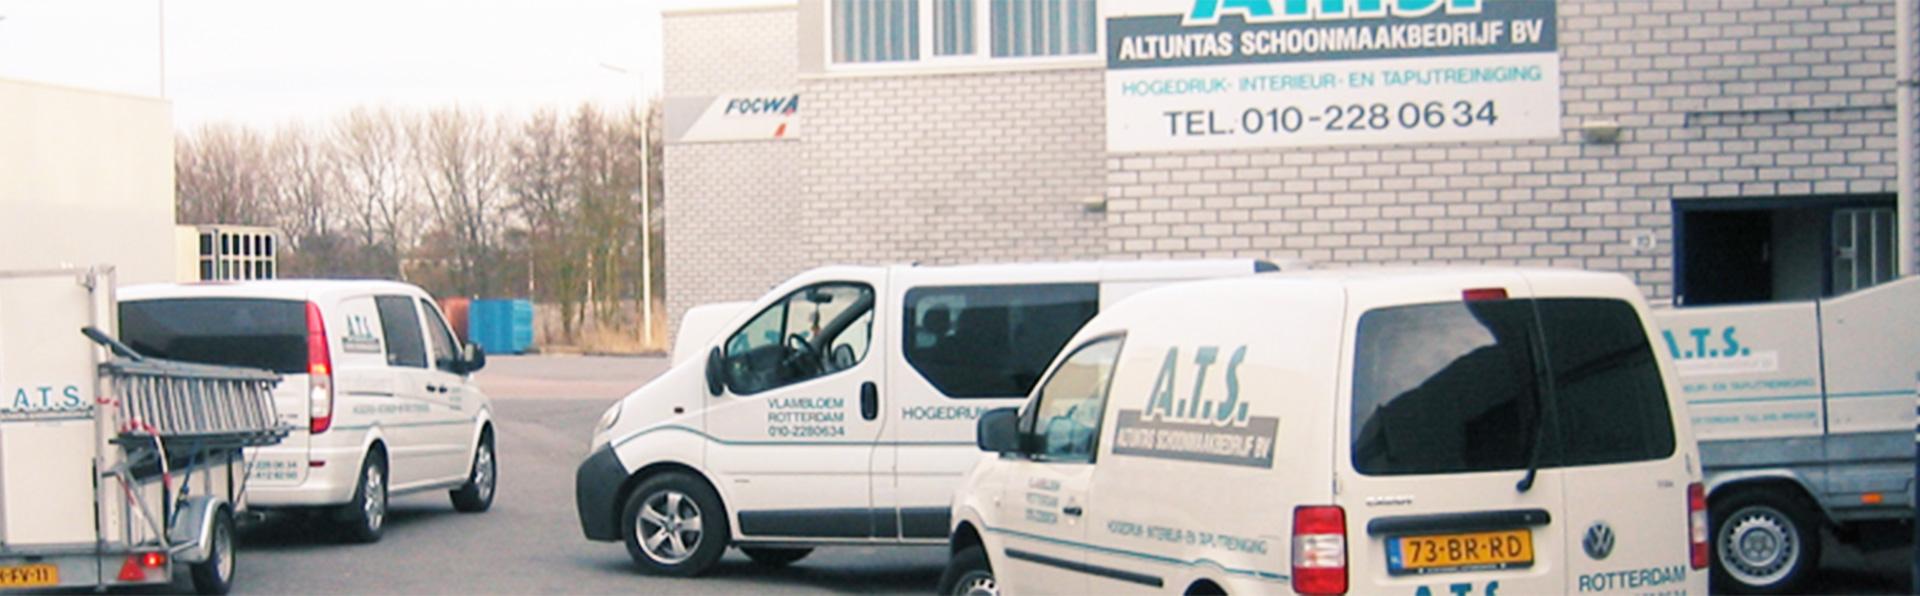 Schoonmaakbedrijf-Hilversum- ATS-header